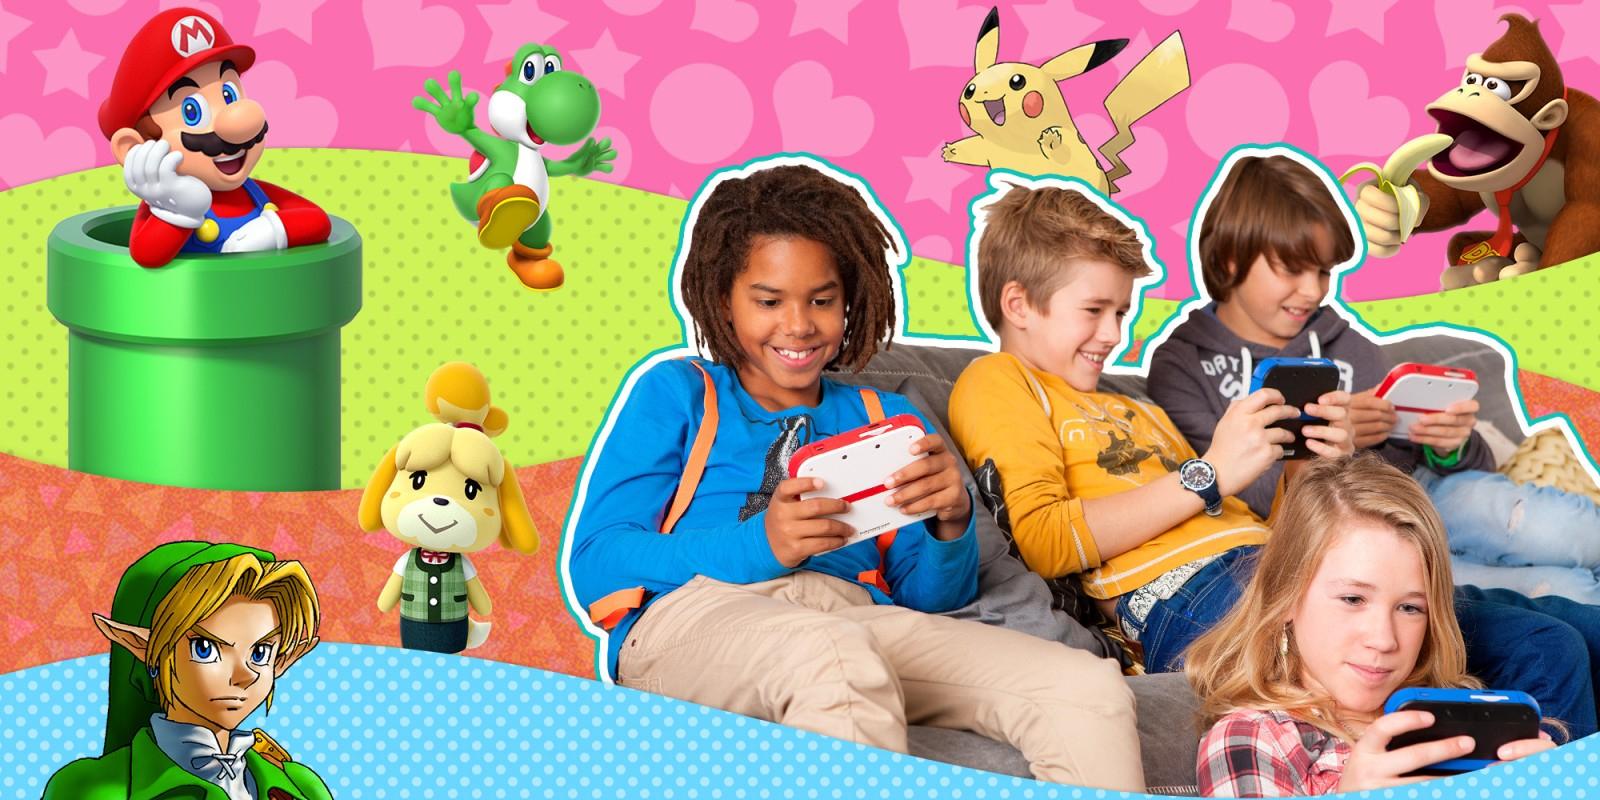 Jeux Nintendo Pour Les Enfants | Nintendo concernant Jeux Gratuit Pour Fille De 6 Ans